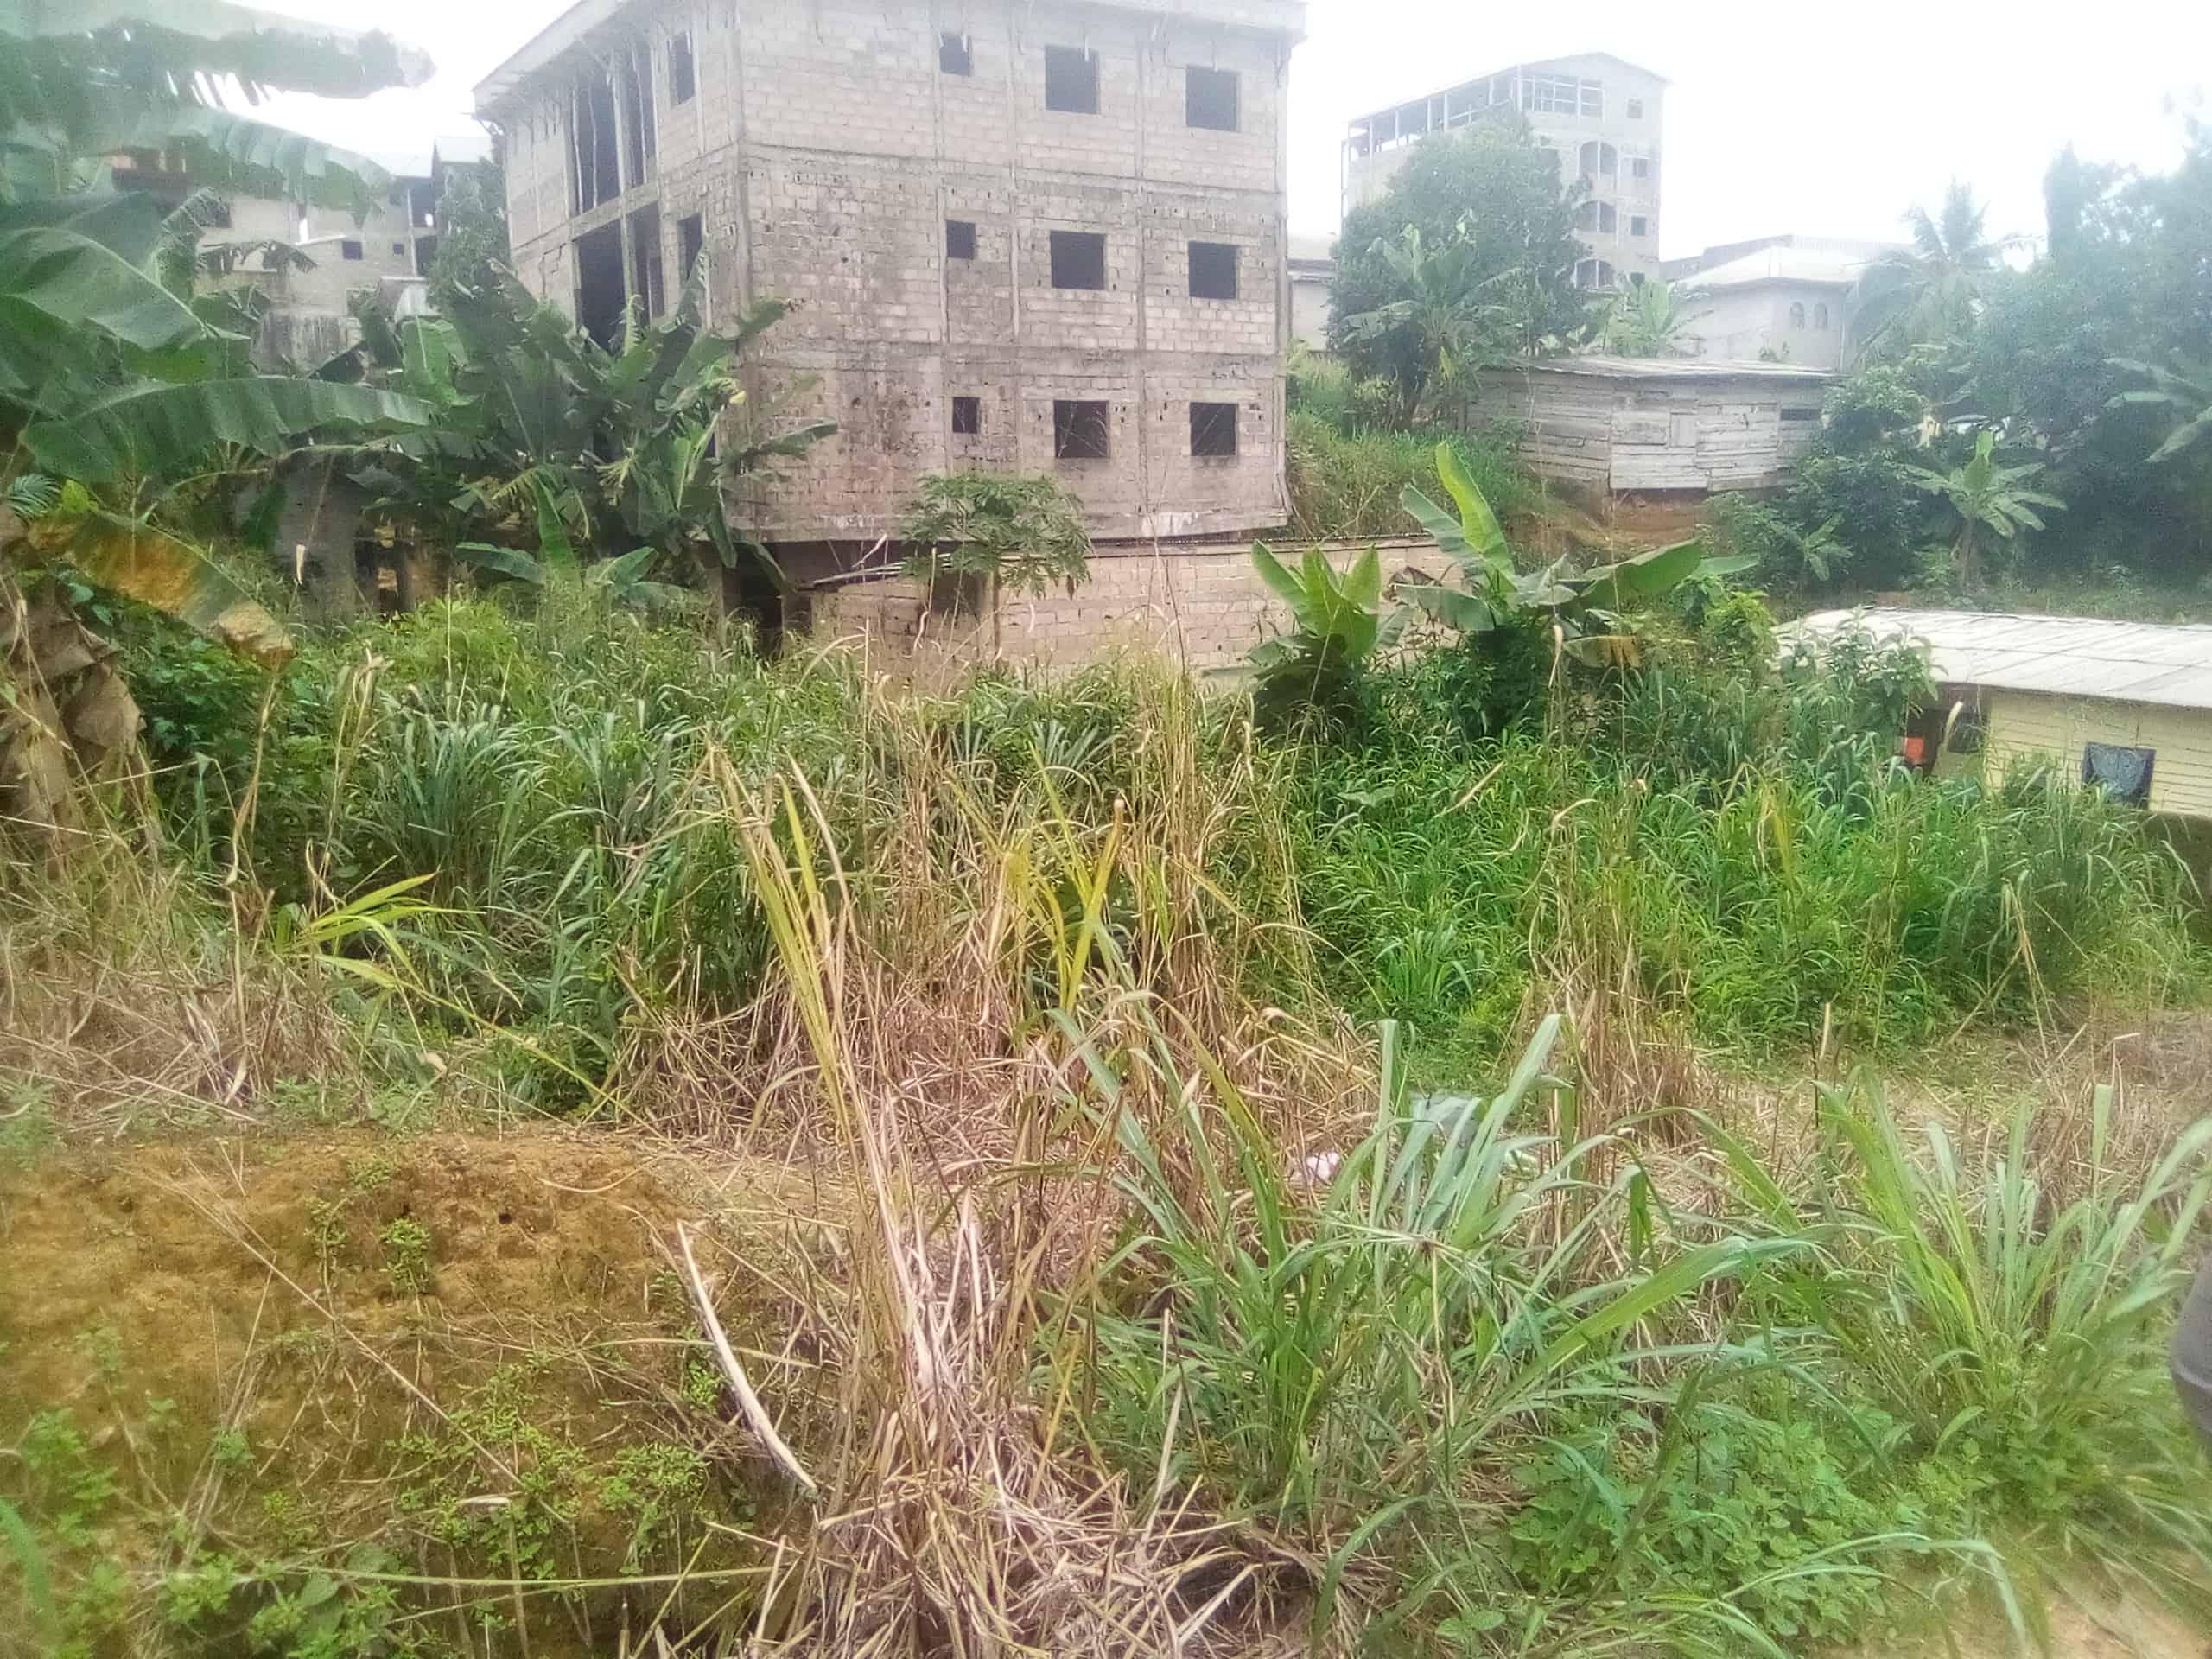 Land for sale at Douala, Logpom, Avant l'hôpital des soeurs - 180 m2 - 7 000 000 FCFA